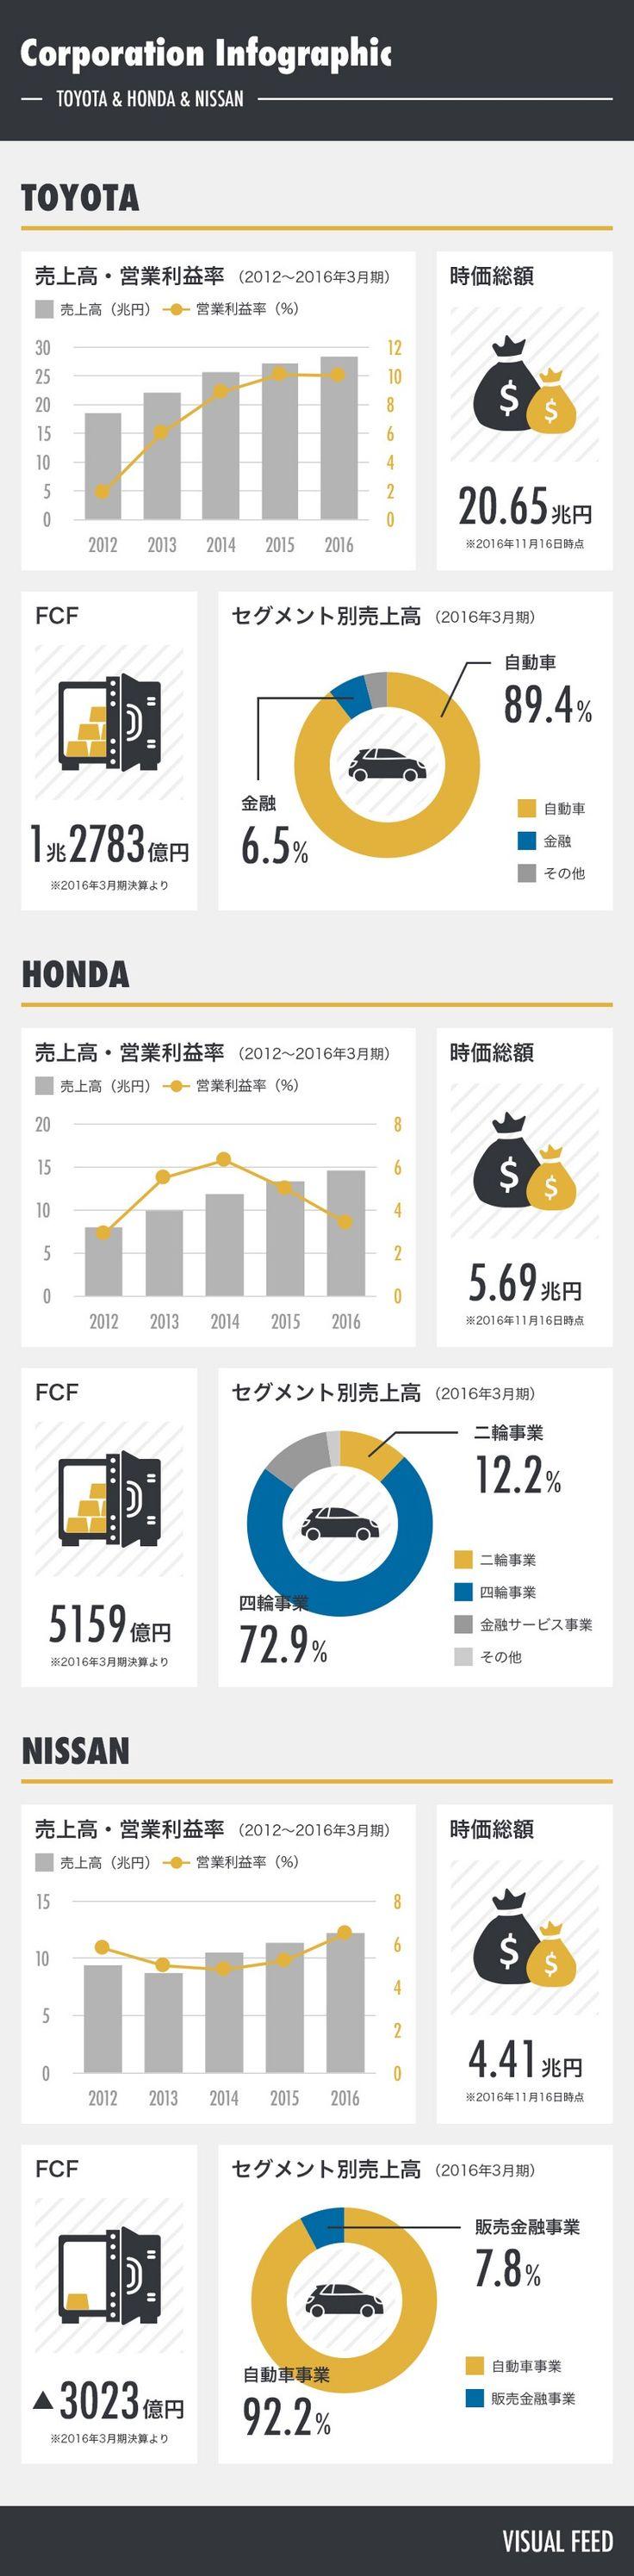 トヨタ・ホンダ・日産の業績データまとめ – Visual Feed – Medium